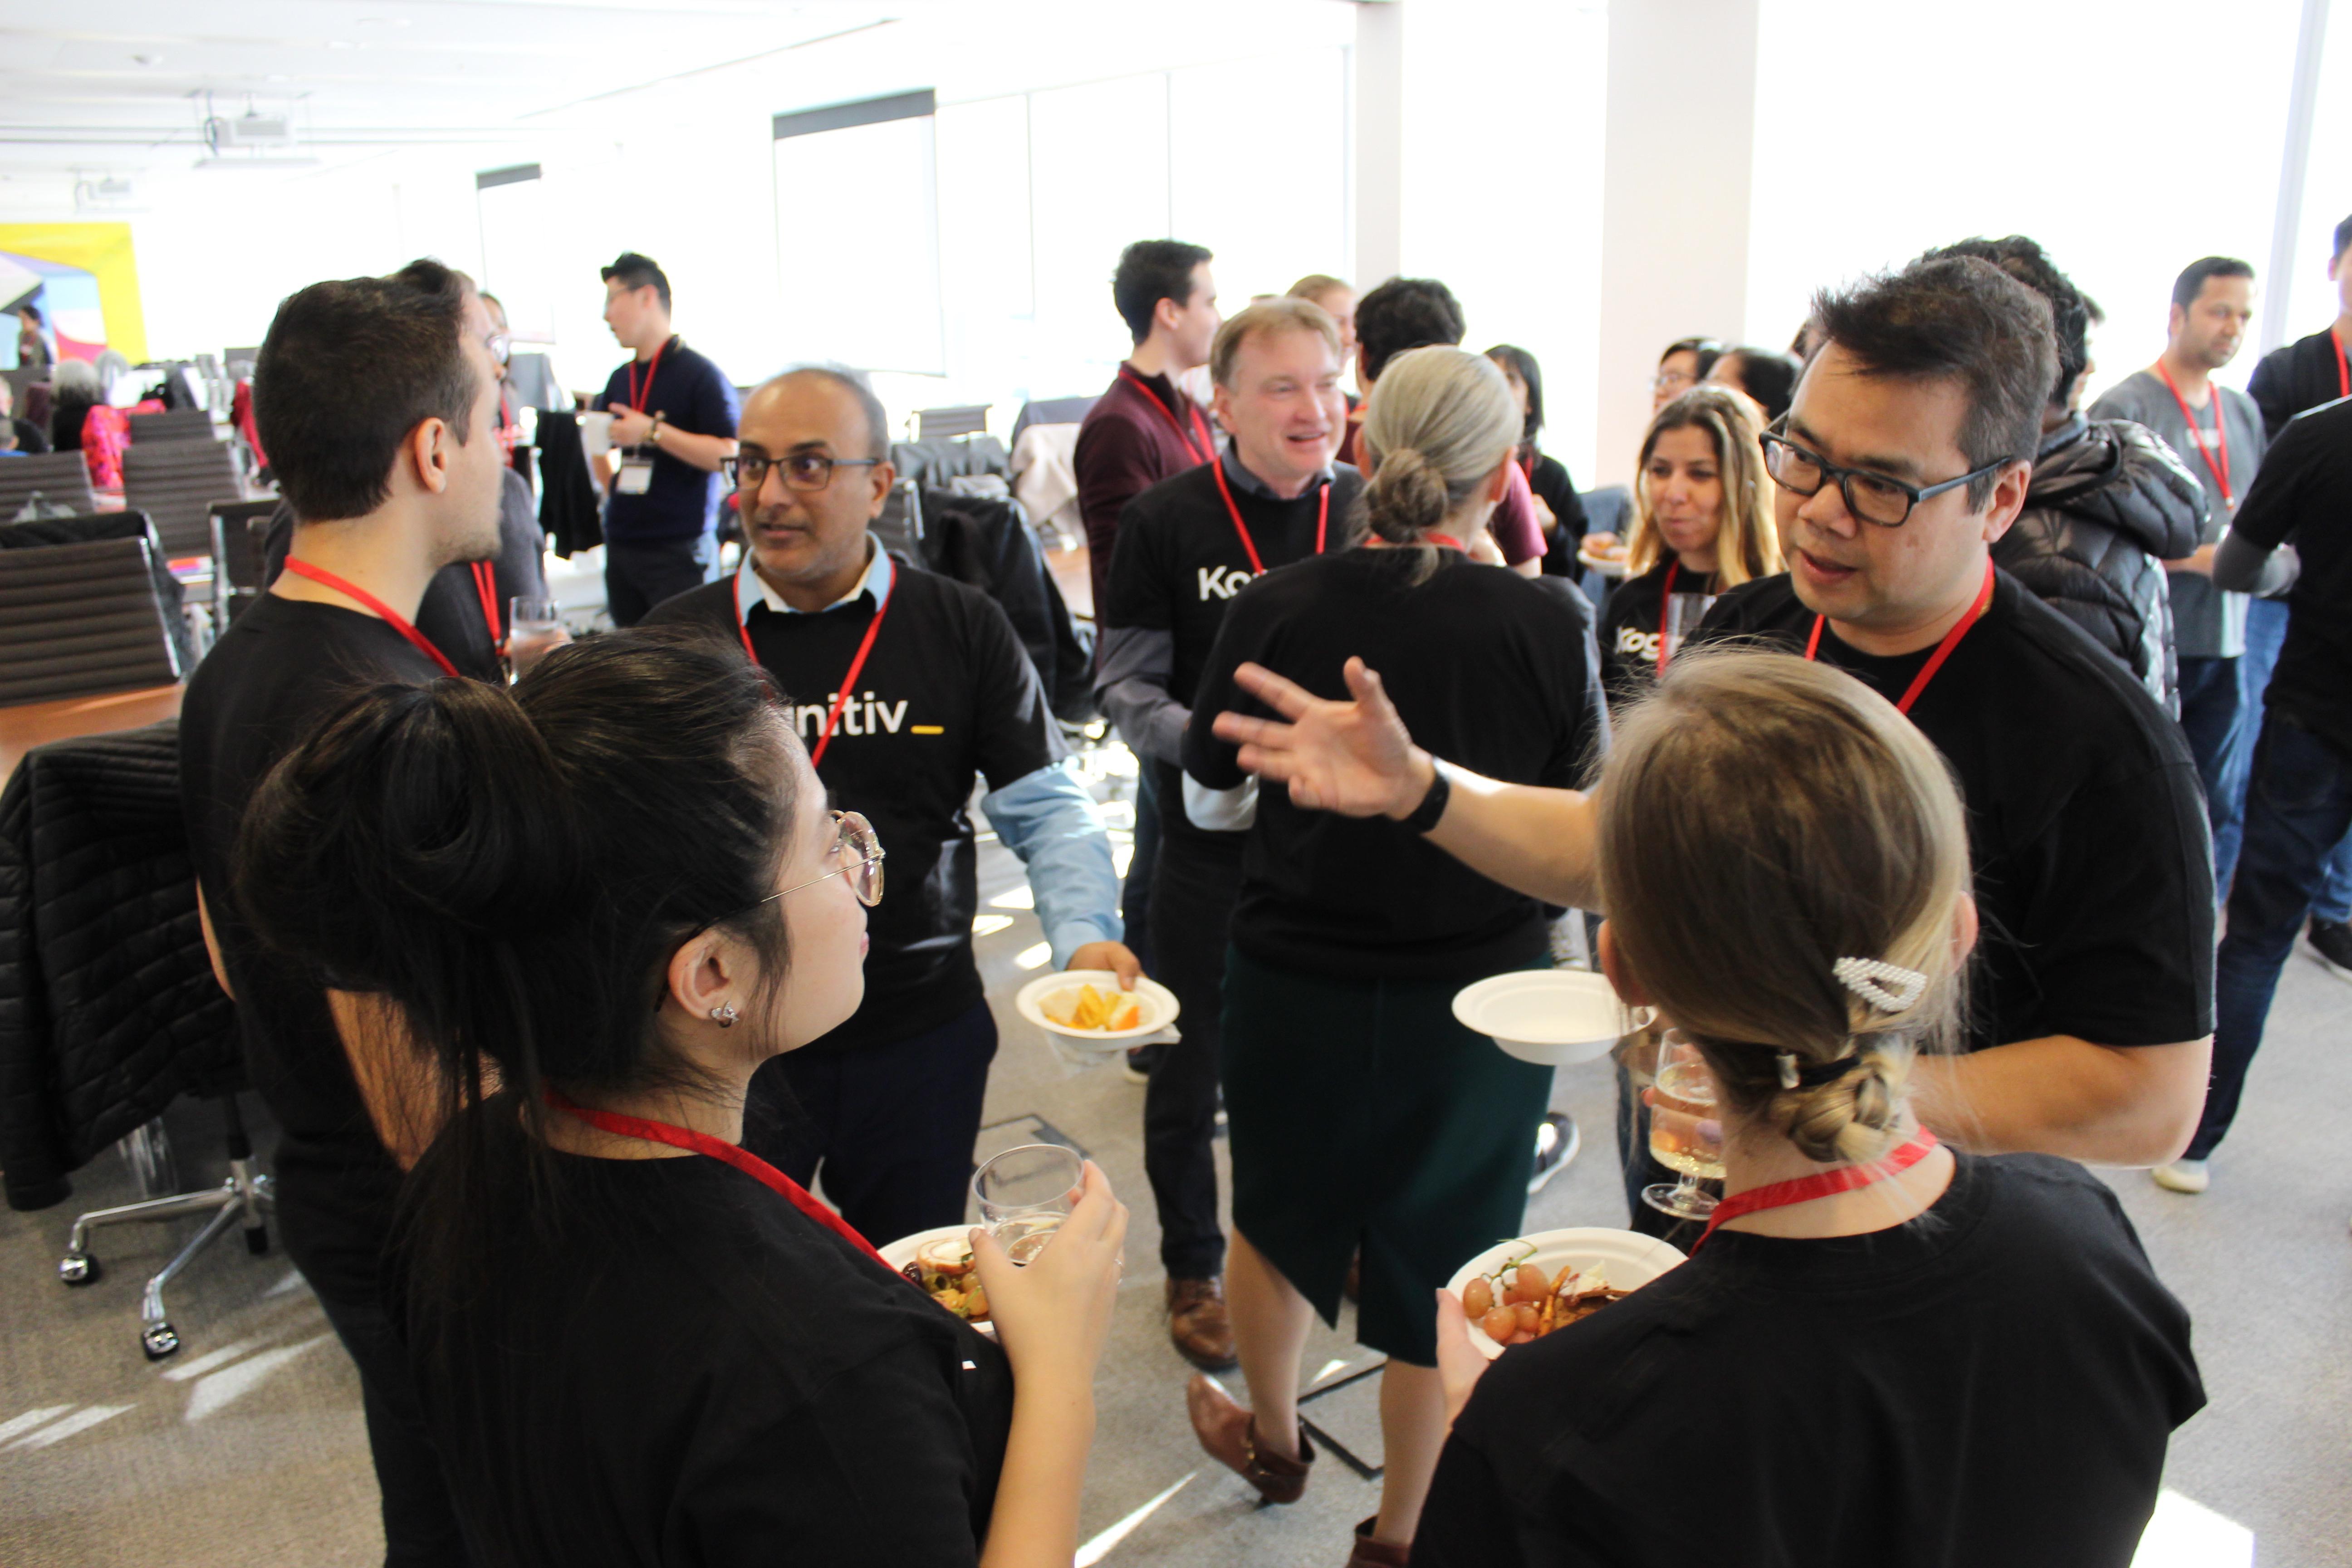 Kogitiv team at Upside's Employee Volunteering Social